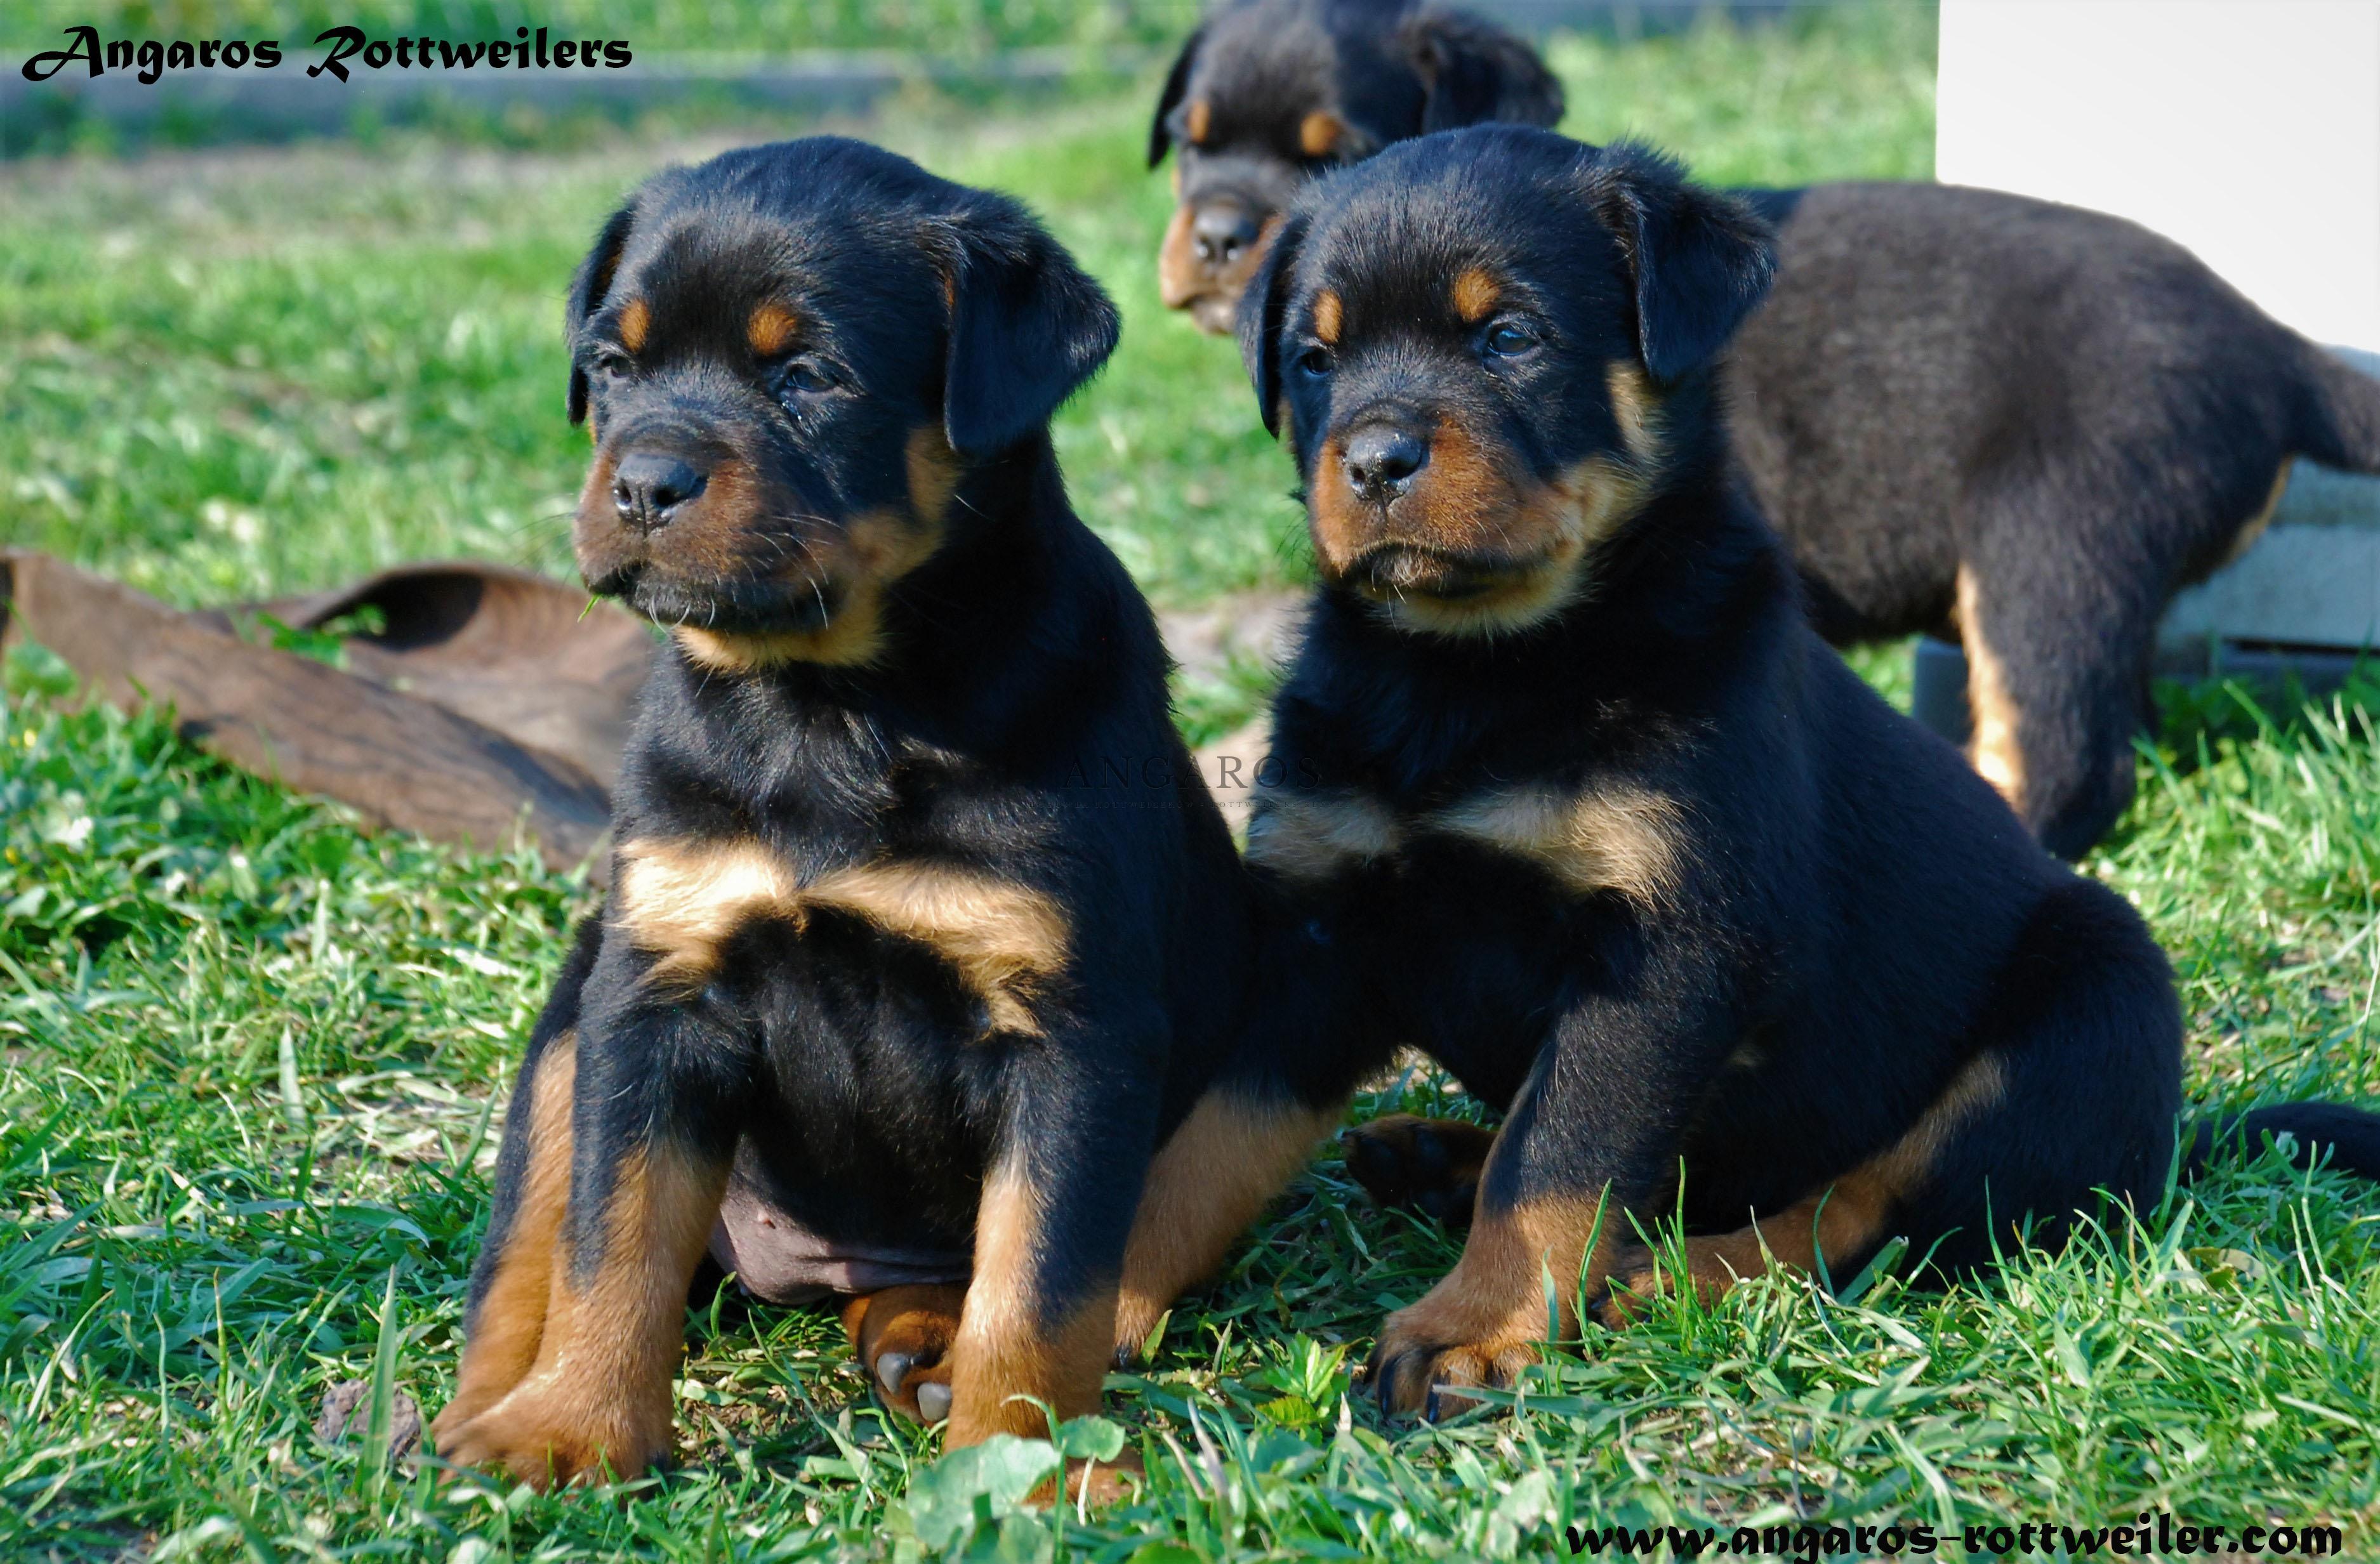 Małe Rottweilery ANGAROS podczas pierwszych zabaw w ogrodzie :) | Rottweiler - Hodowla Rottweilerów Angaros - Rottweilers - Rottweilery